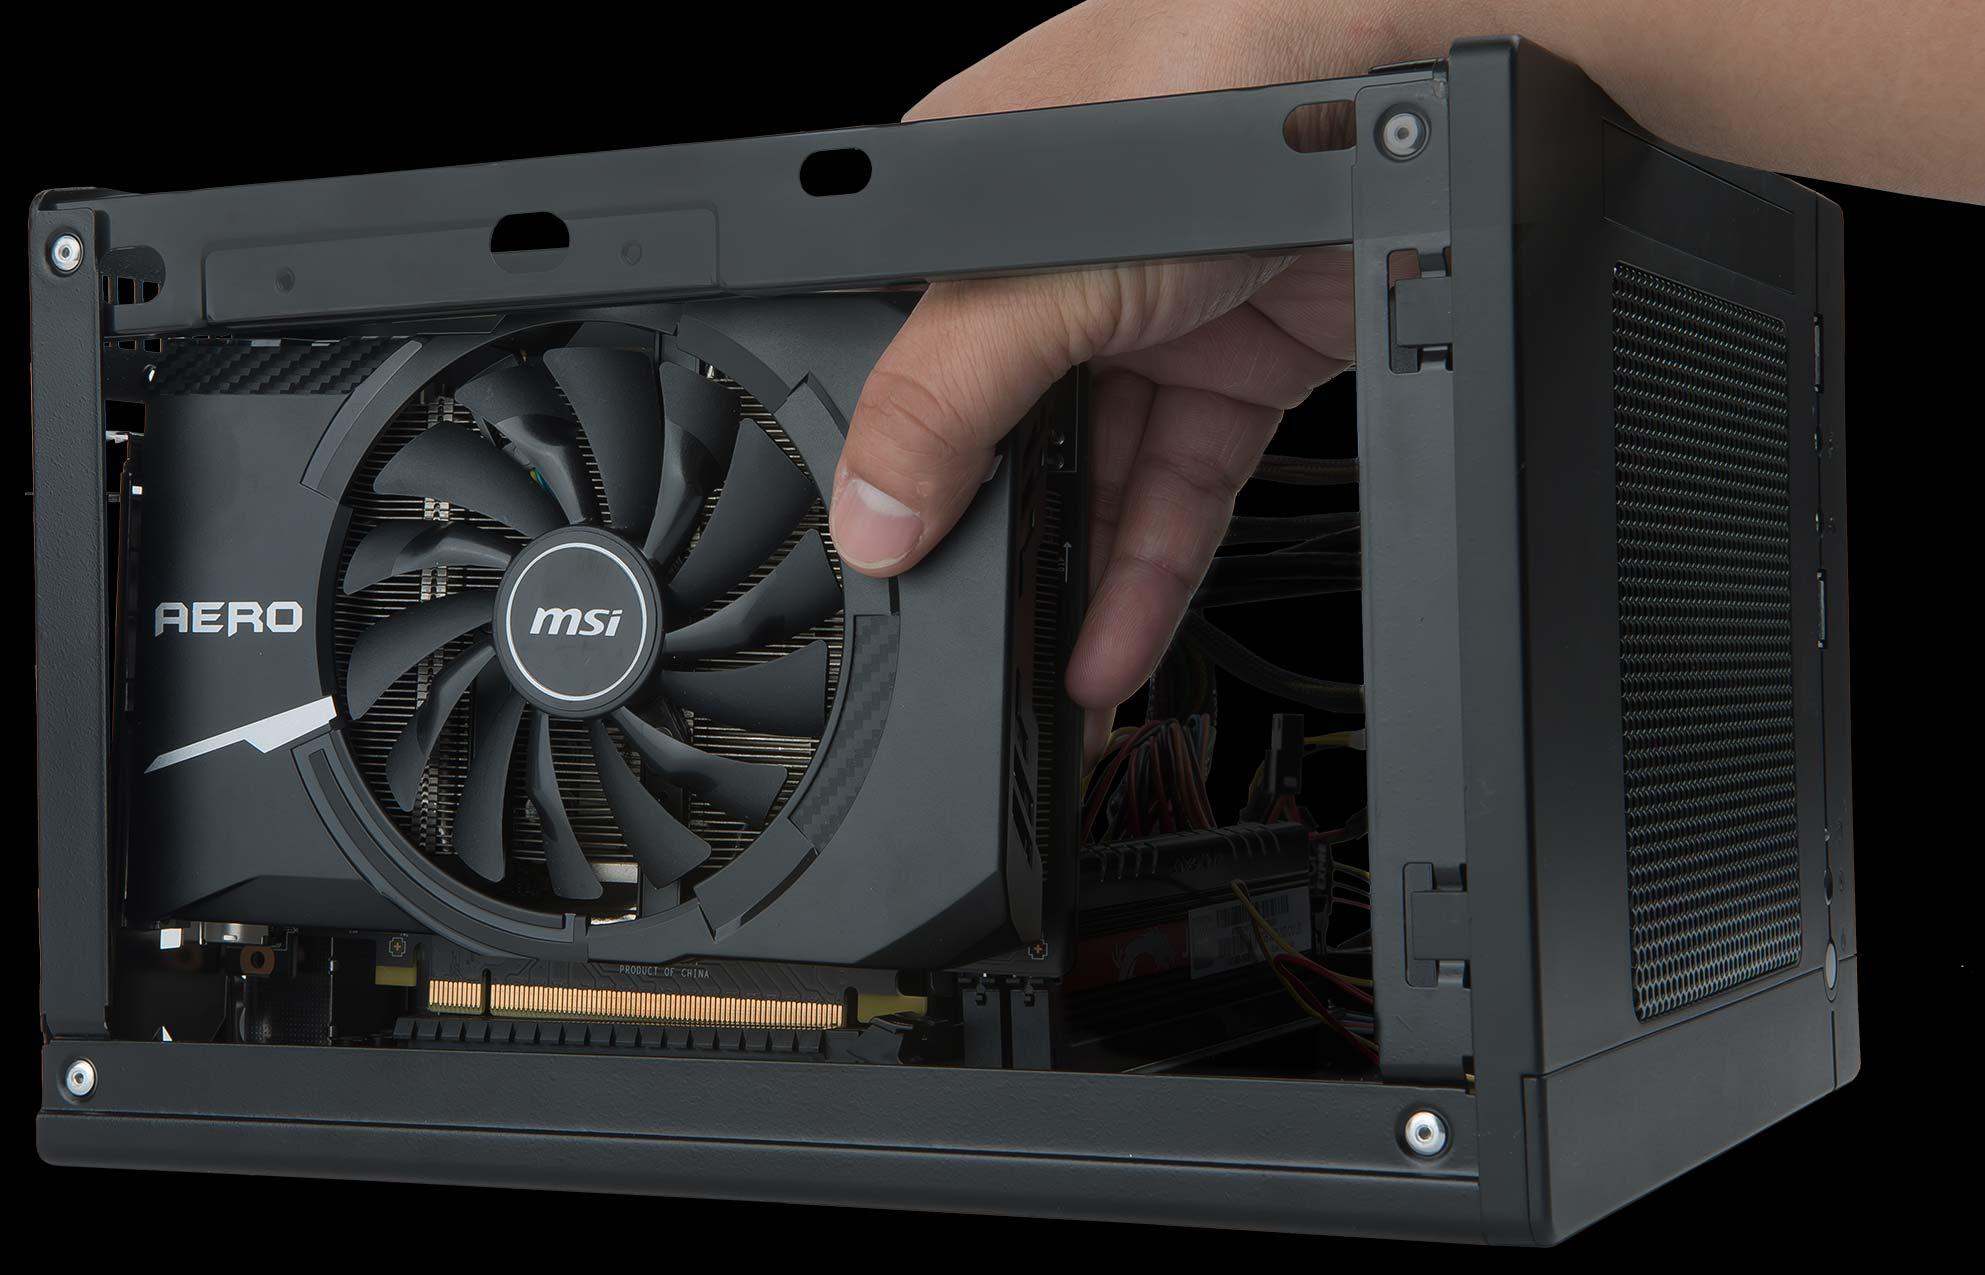 MSI Aero Low Profile GPU in SFF Case